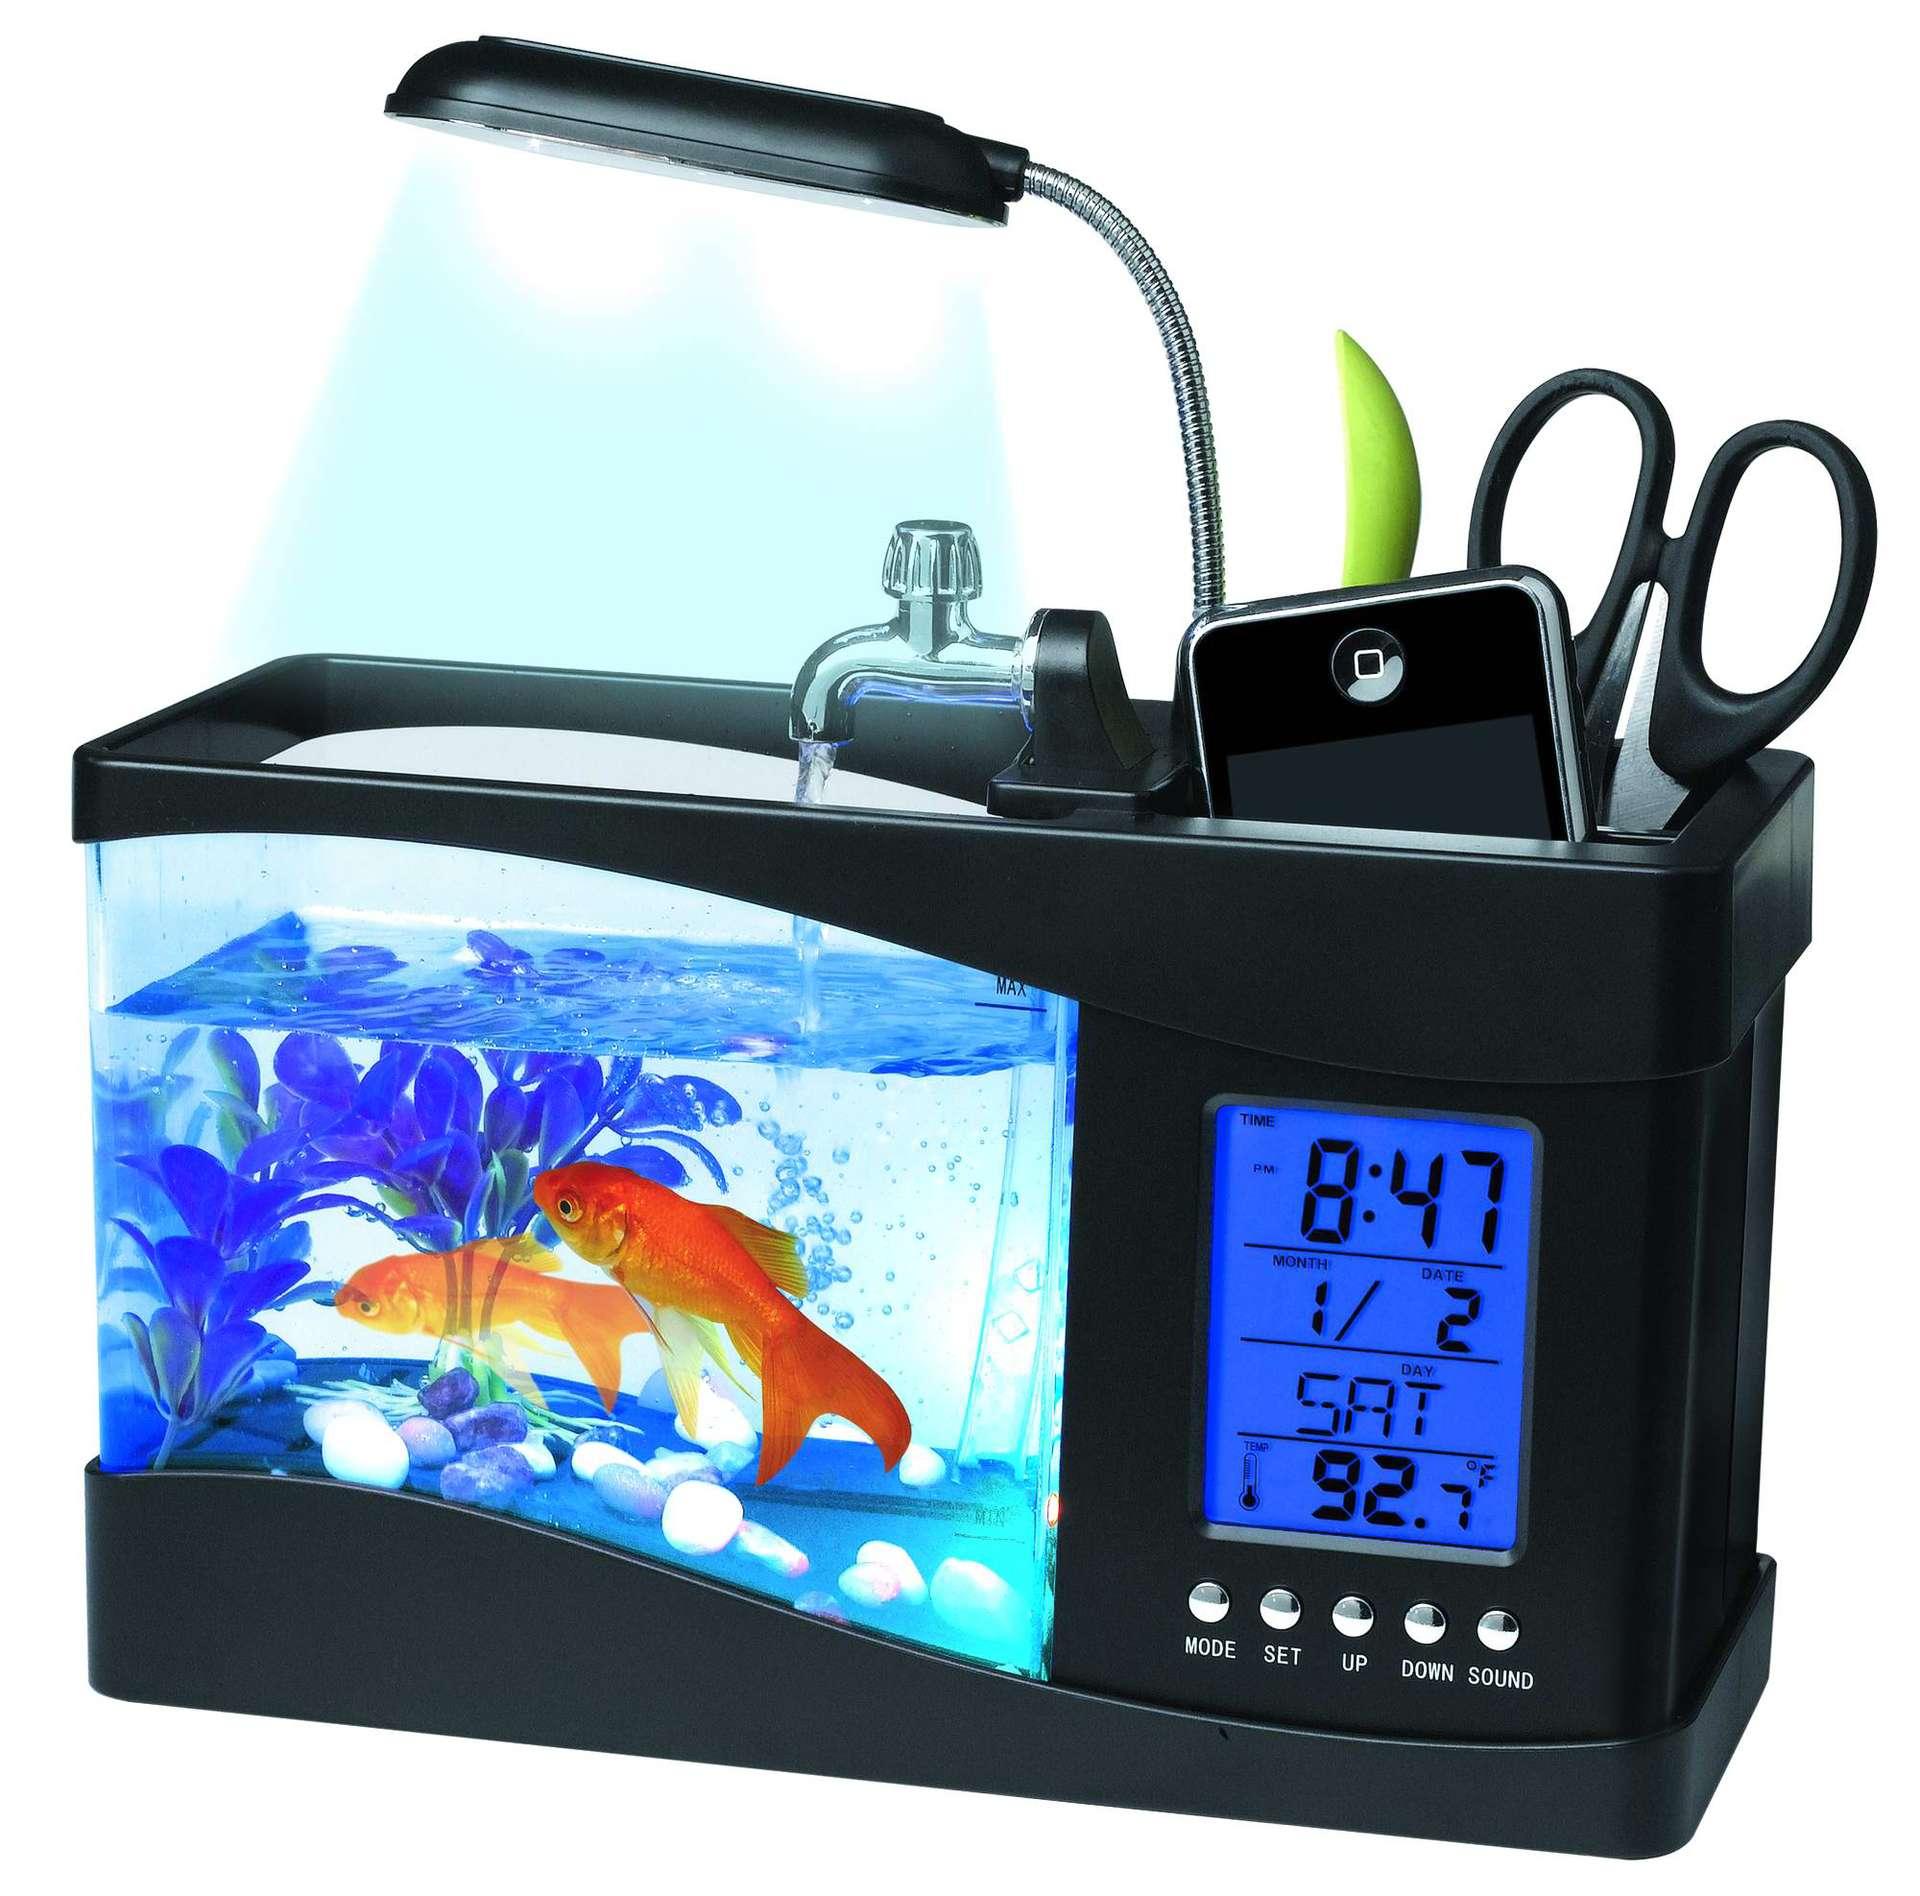 Mini Aquarium d'aquarium de 1.5L Aquarium rassurant d'aquarium d'usb avec l'écran d'affichage à cristaux liquides de lumière de lampe à LED et l'horloge peceras y acuarios 2